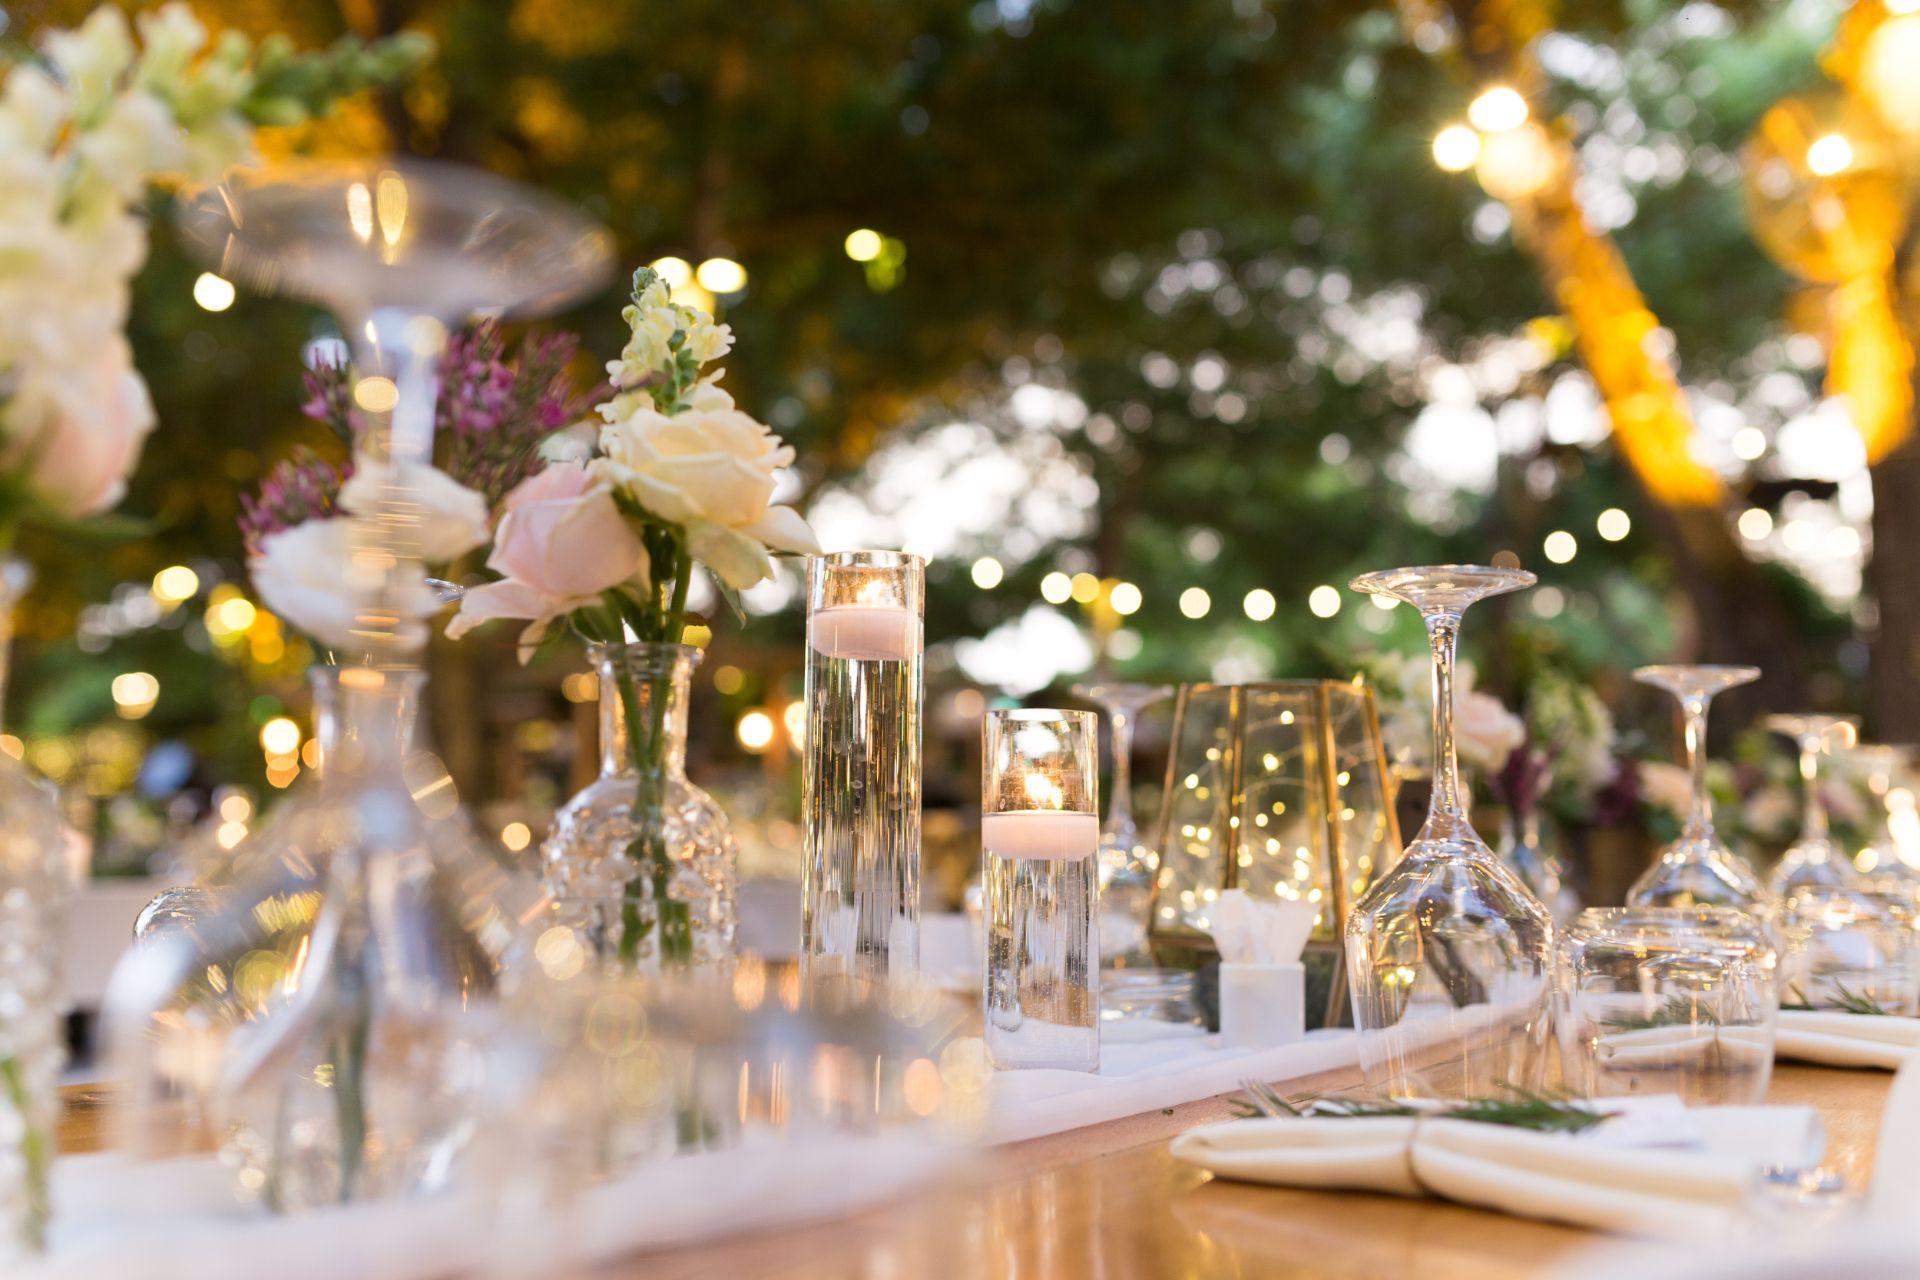 חתונה ירוקה: המדריך לחתונה ידידותית לסביבה